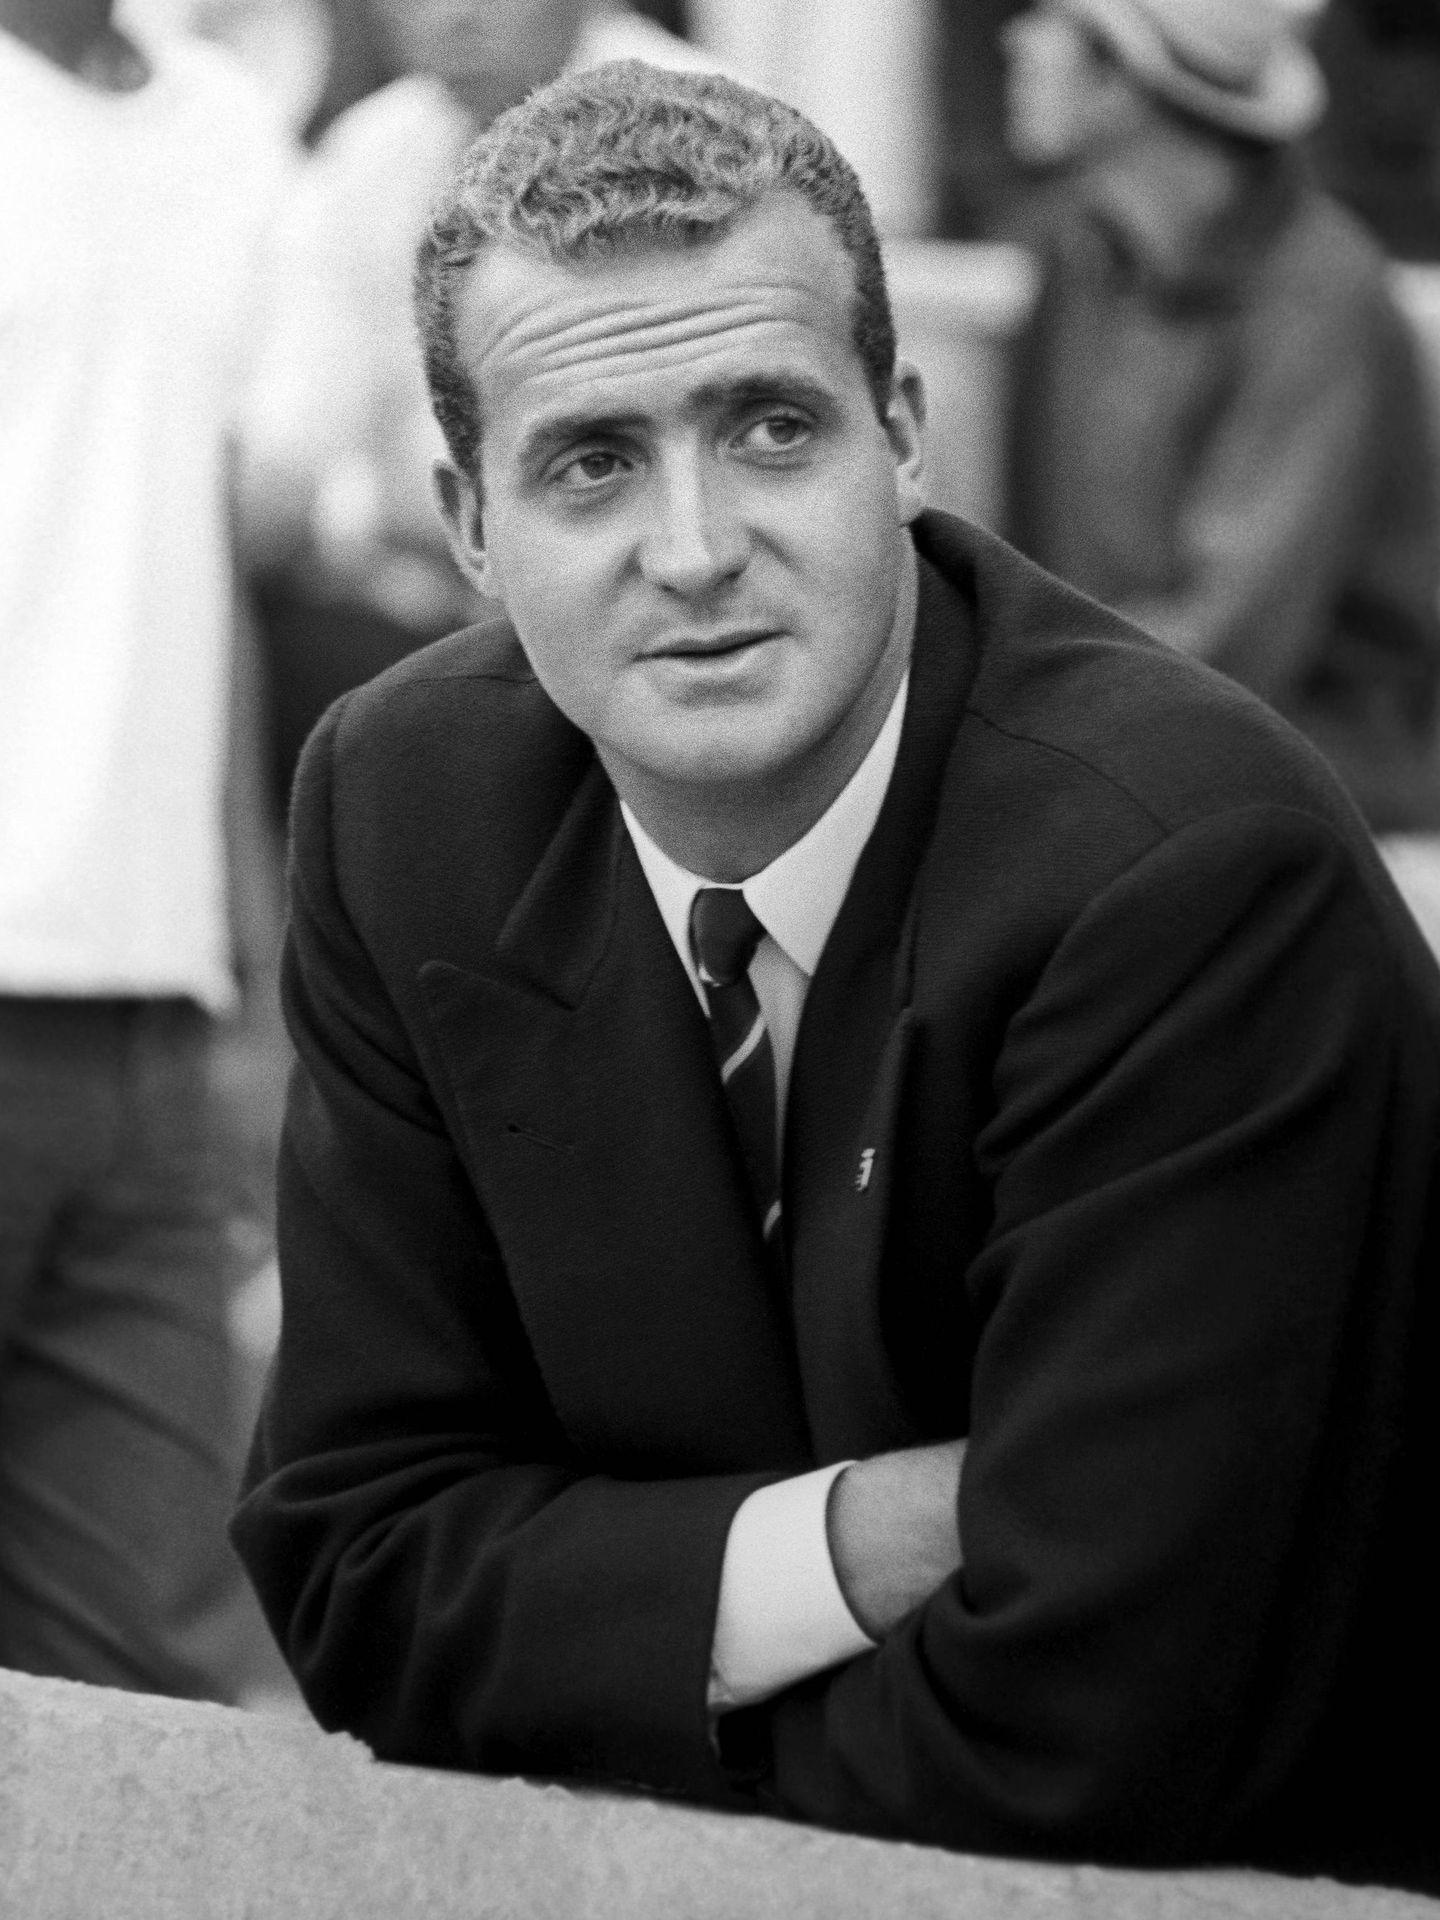 Fotografía tomada el 14 de septiembre de 1967 del entonces príncipe Juan Carlos. (EFE)